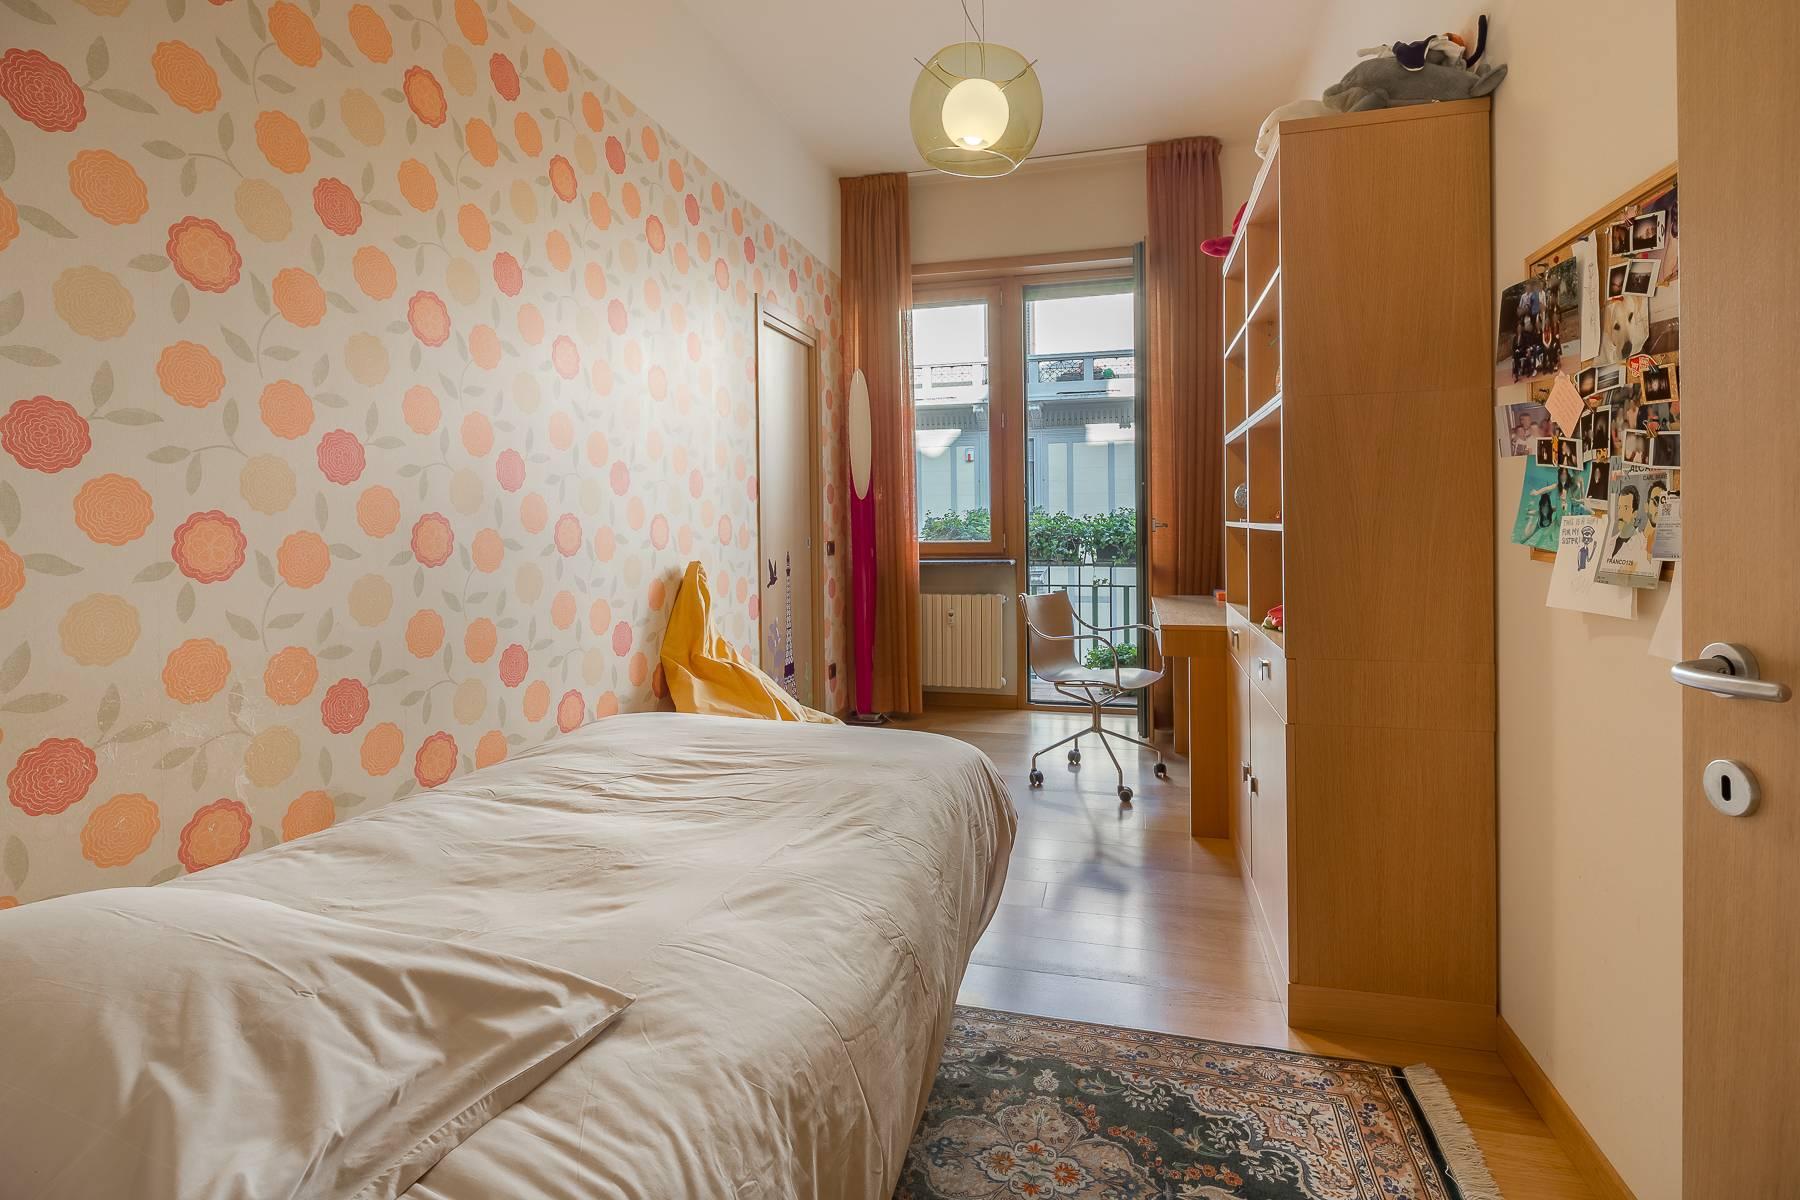 Квартира в классическом стиле на via Besana - 22